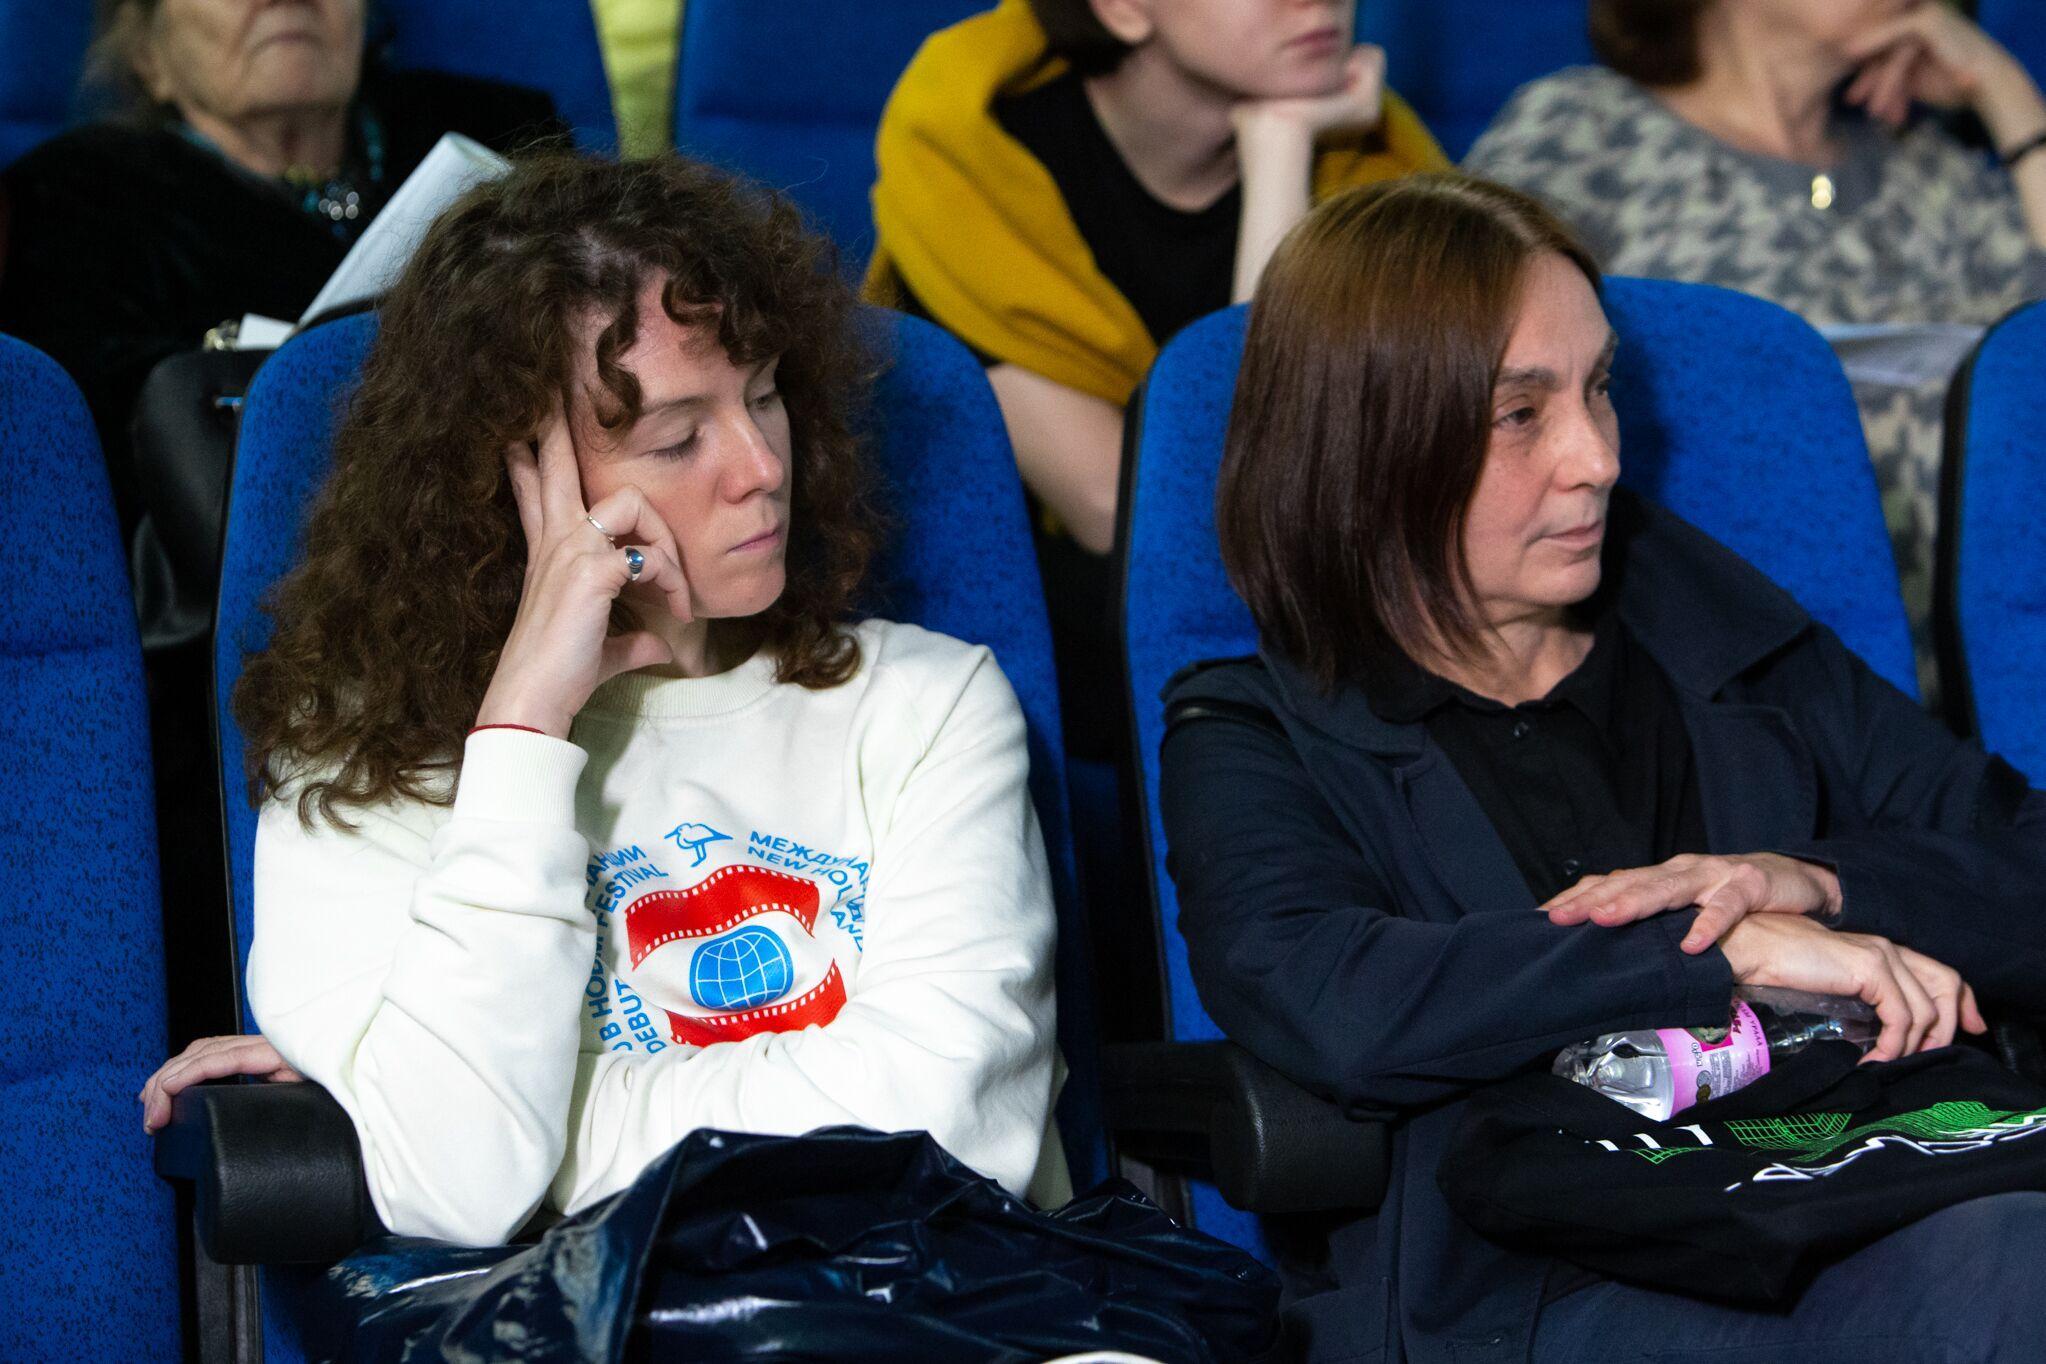 Слева направо: Виктория Рыскина, Алла Митрофанова